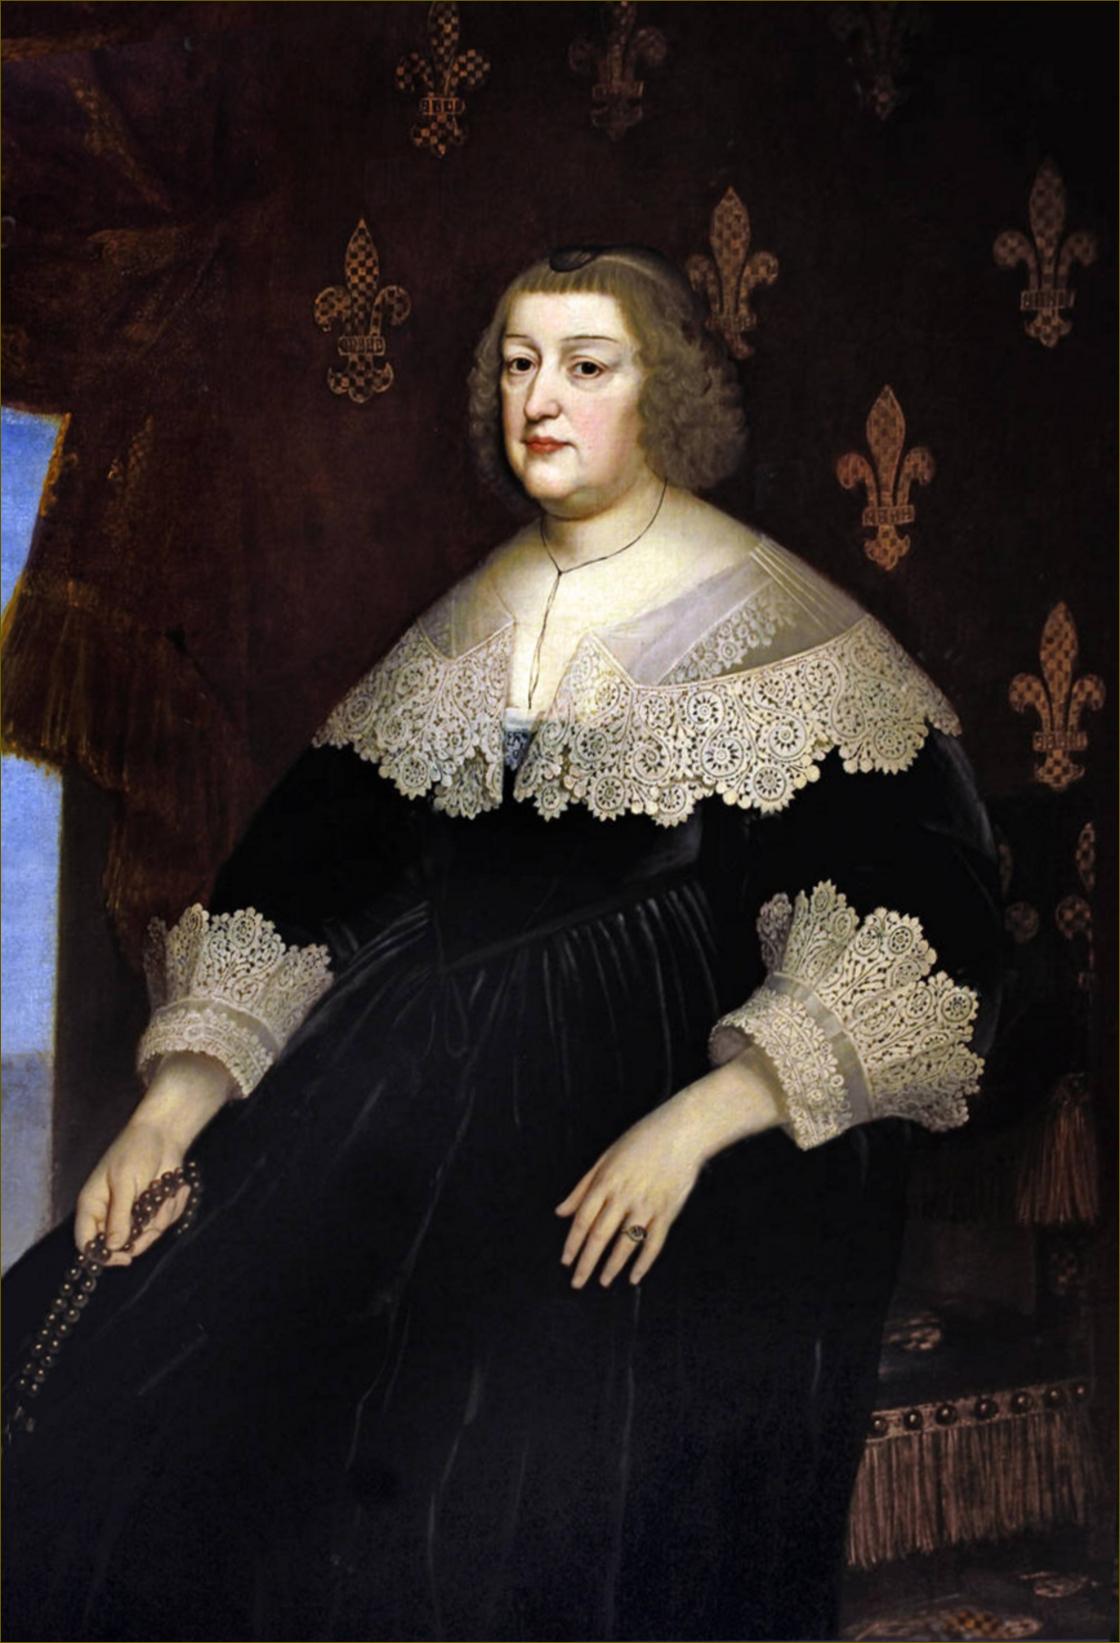 Marie de Médicis, reine de France et de Navarre, en 1638, atelier de Honthorst